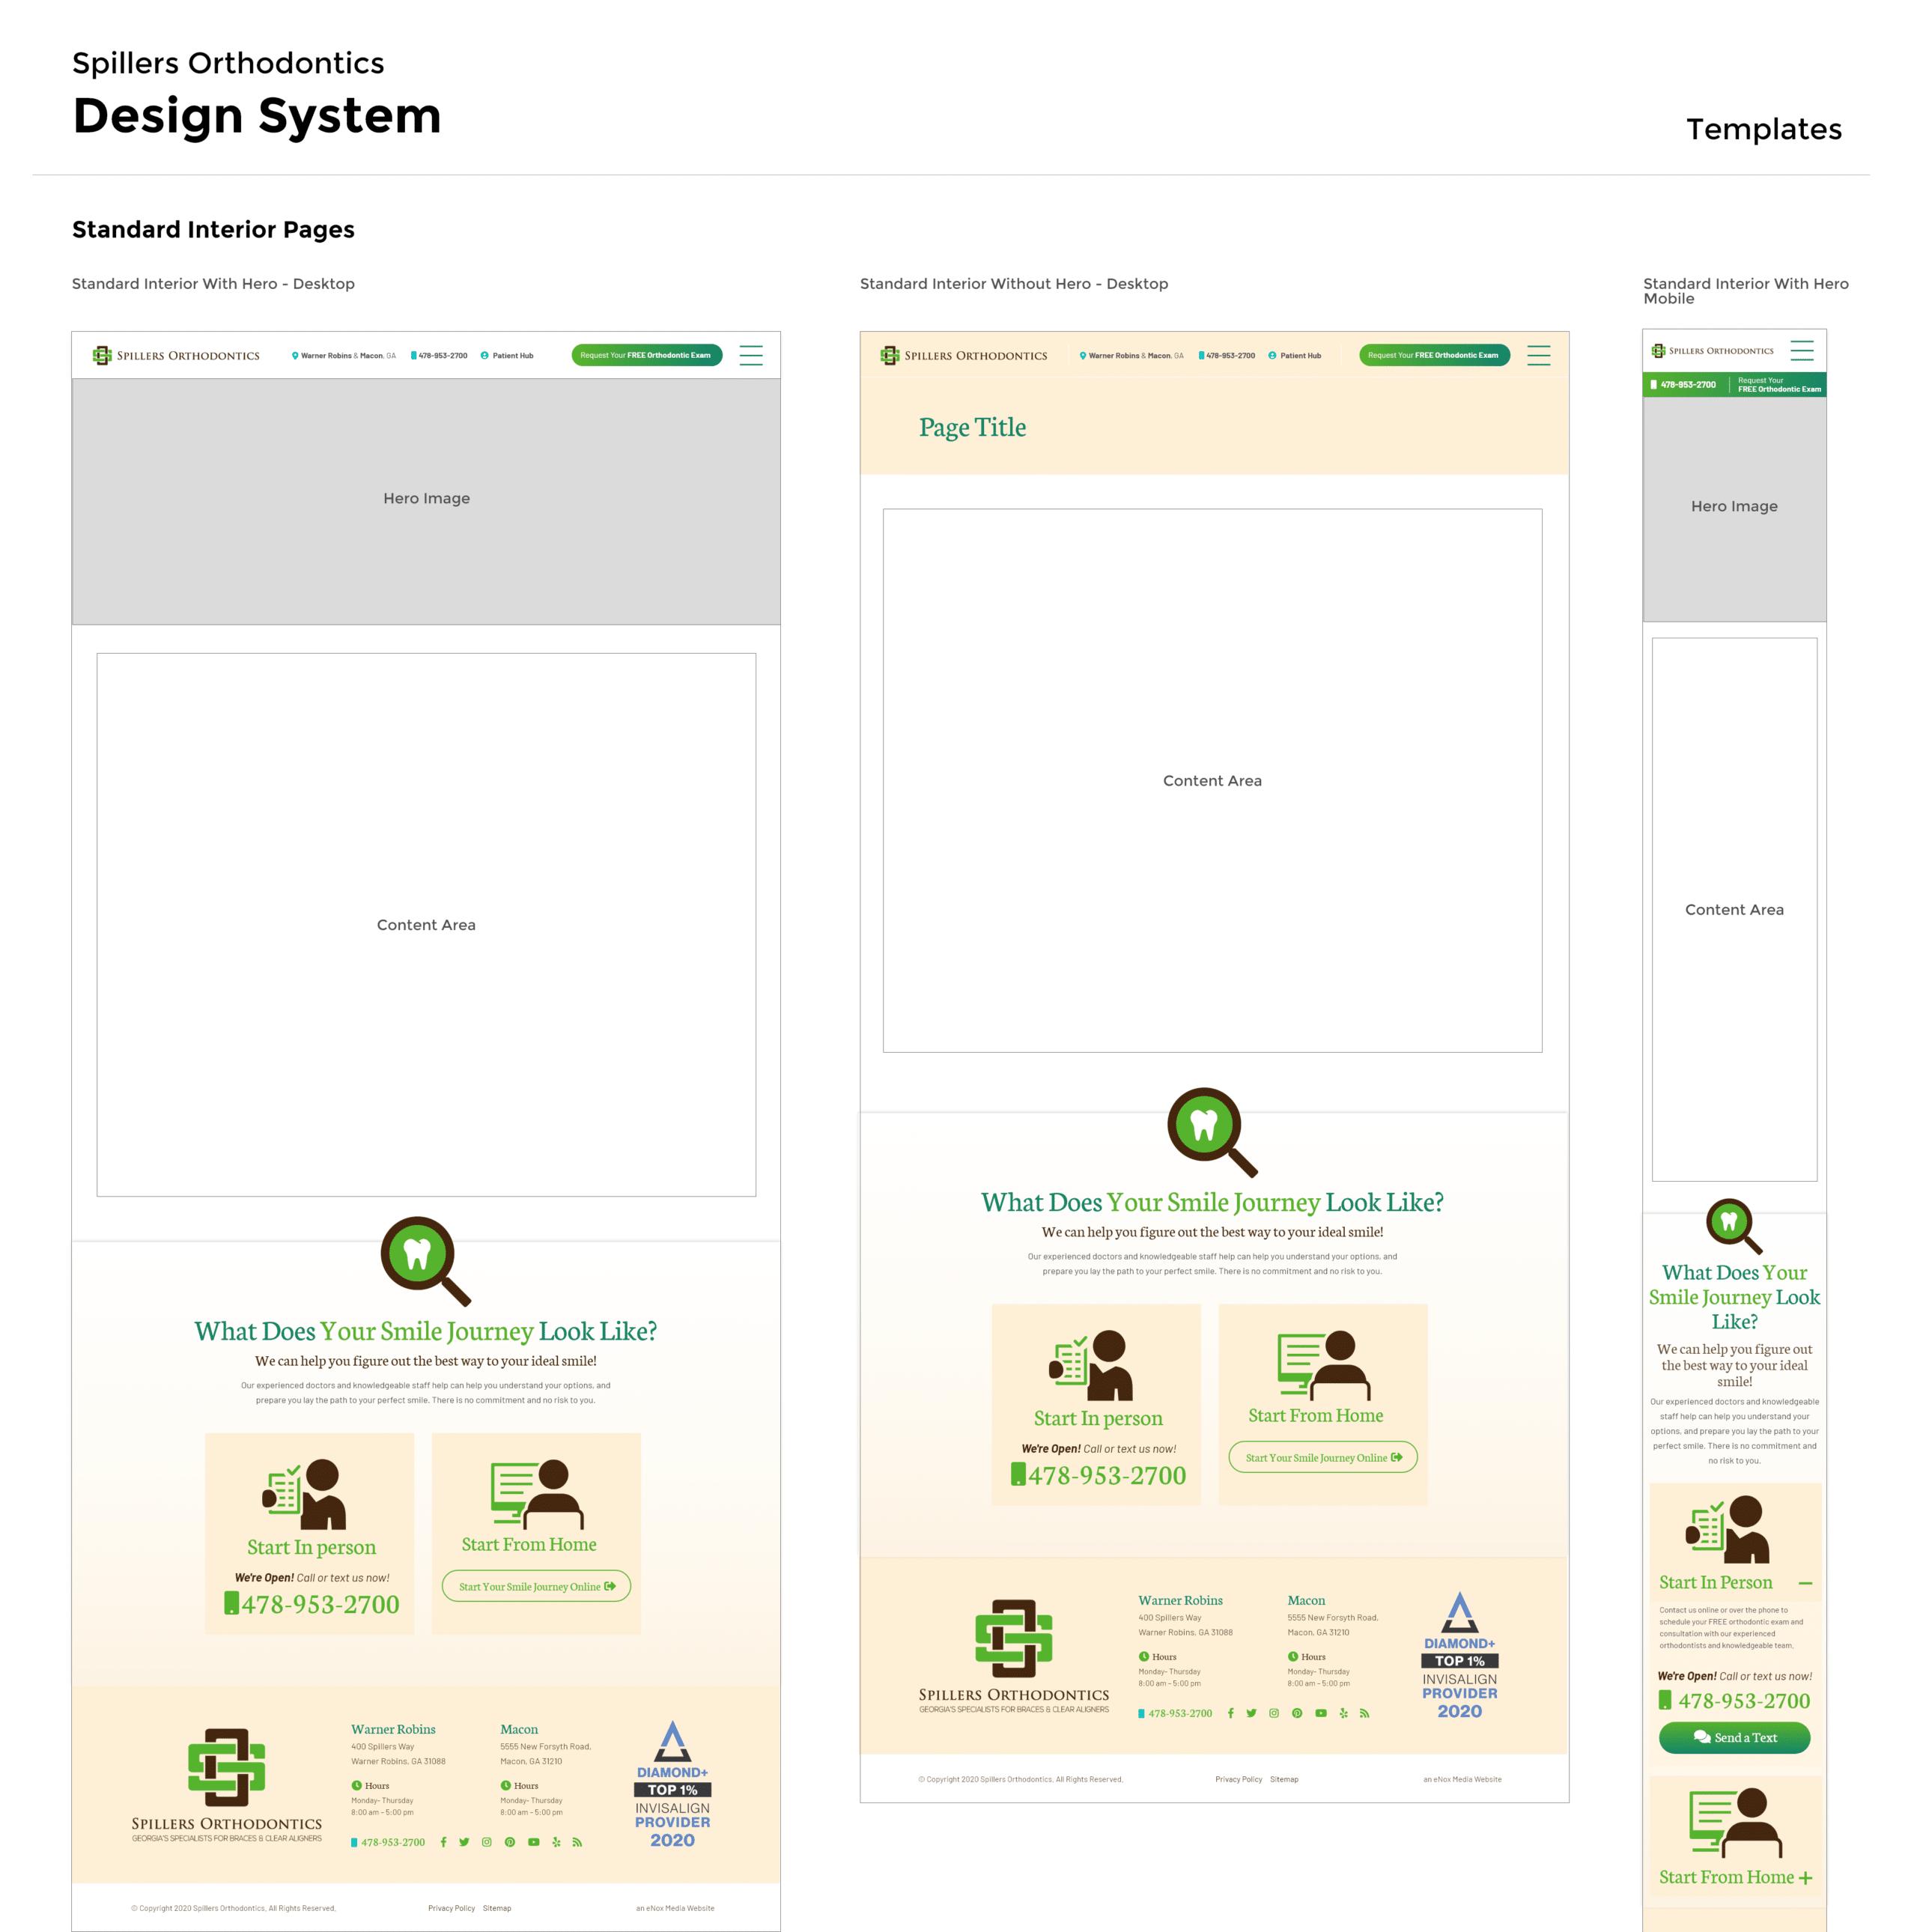 Spillers Design System - Templates